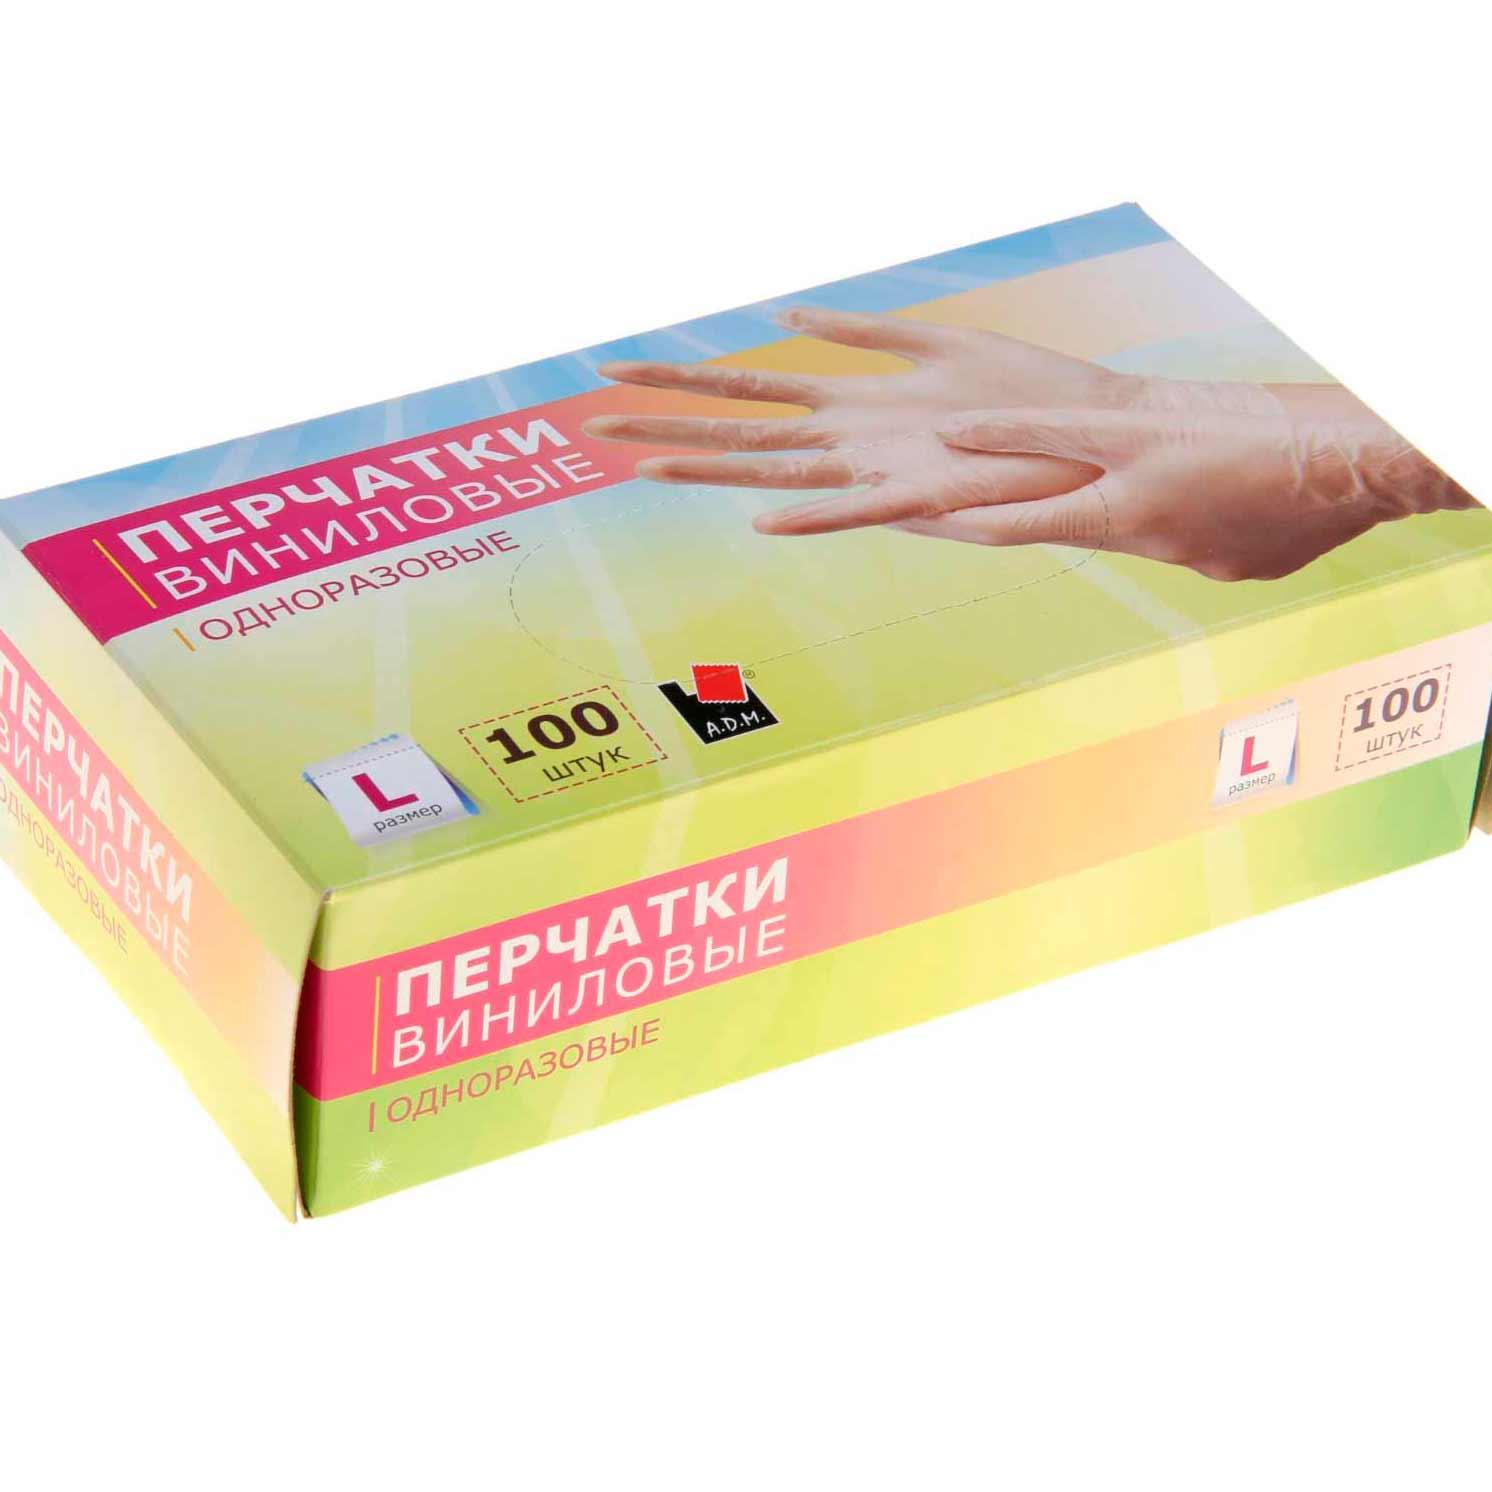 Перчатки A.D.M. виниловые, одноразовые, неопудренные, размер L, 100 шт/уп, 10 г